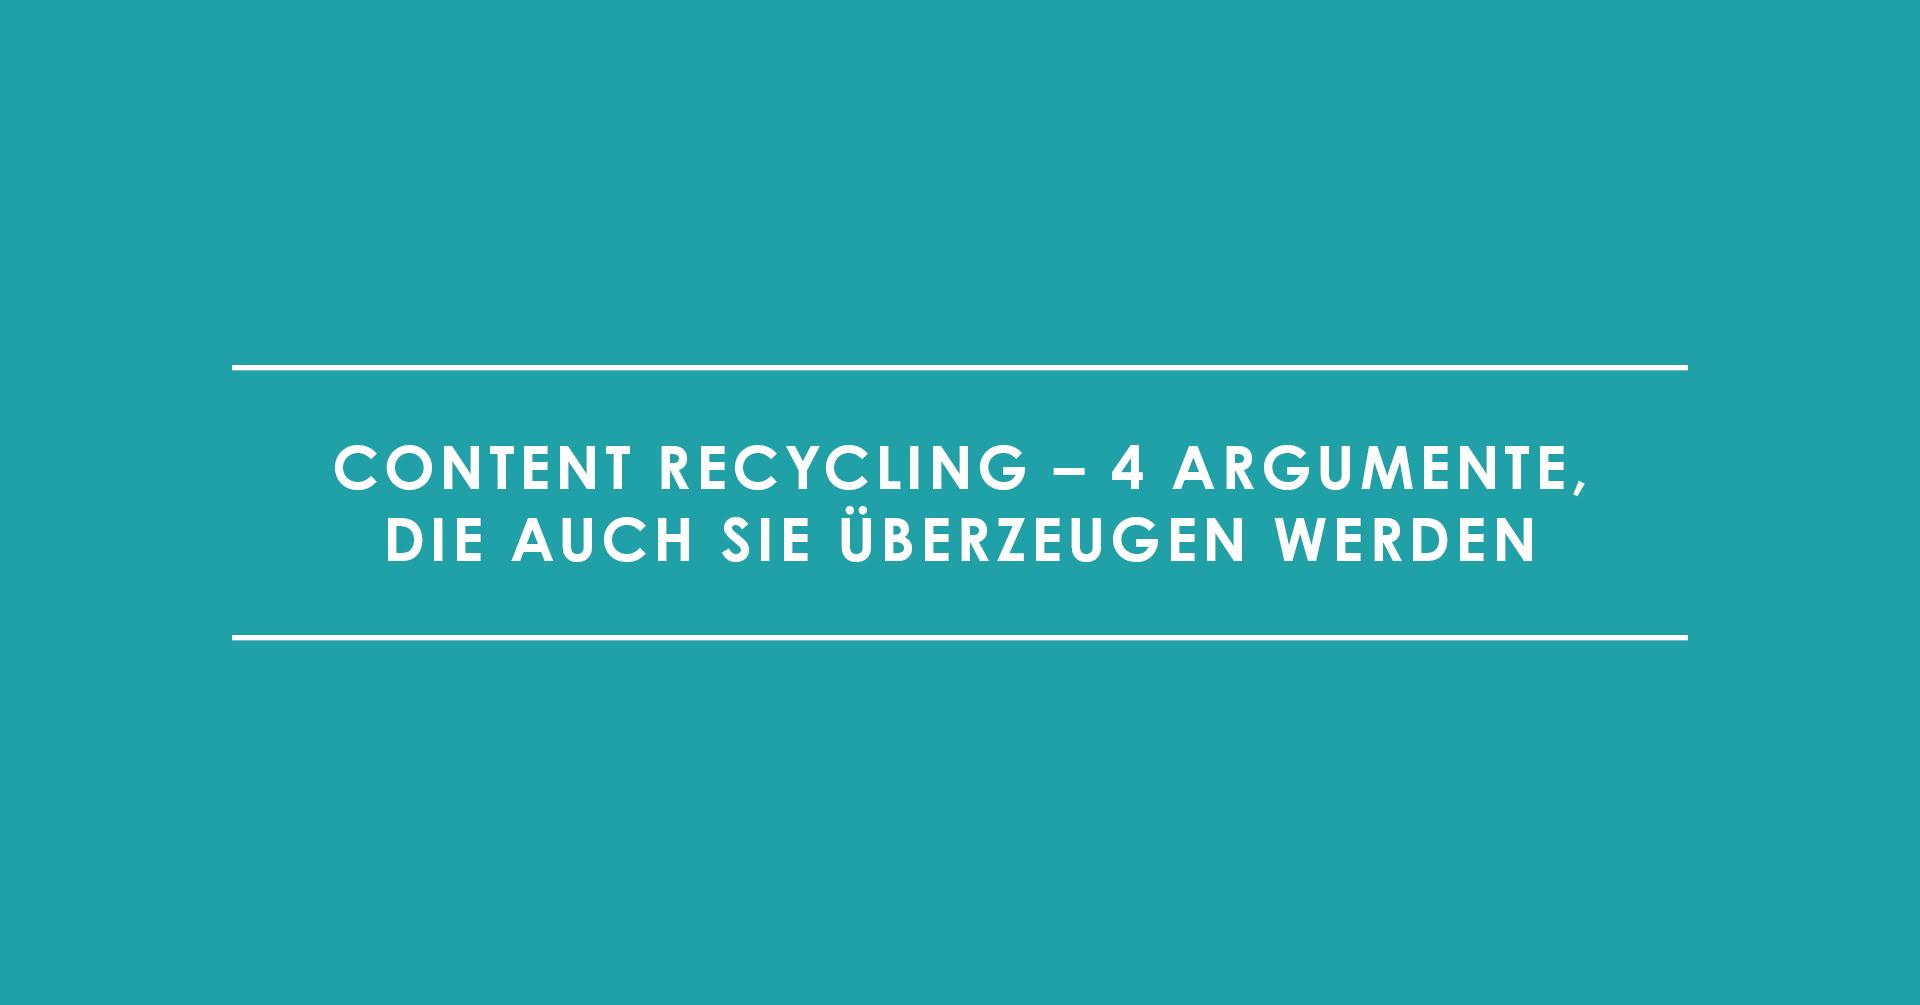 Content Recycling – 4 Argumente, die auch Sie überzeugen werden